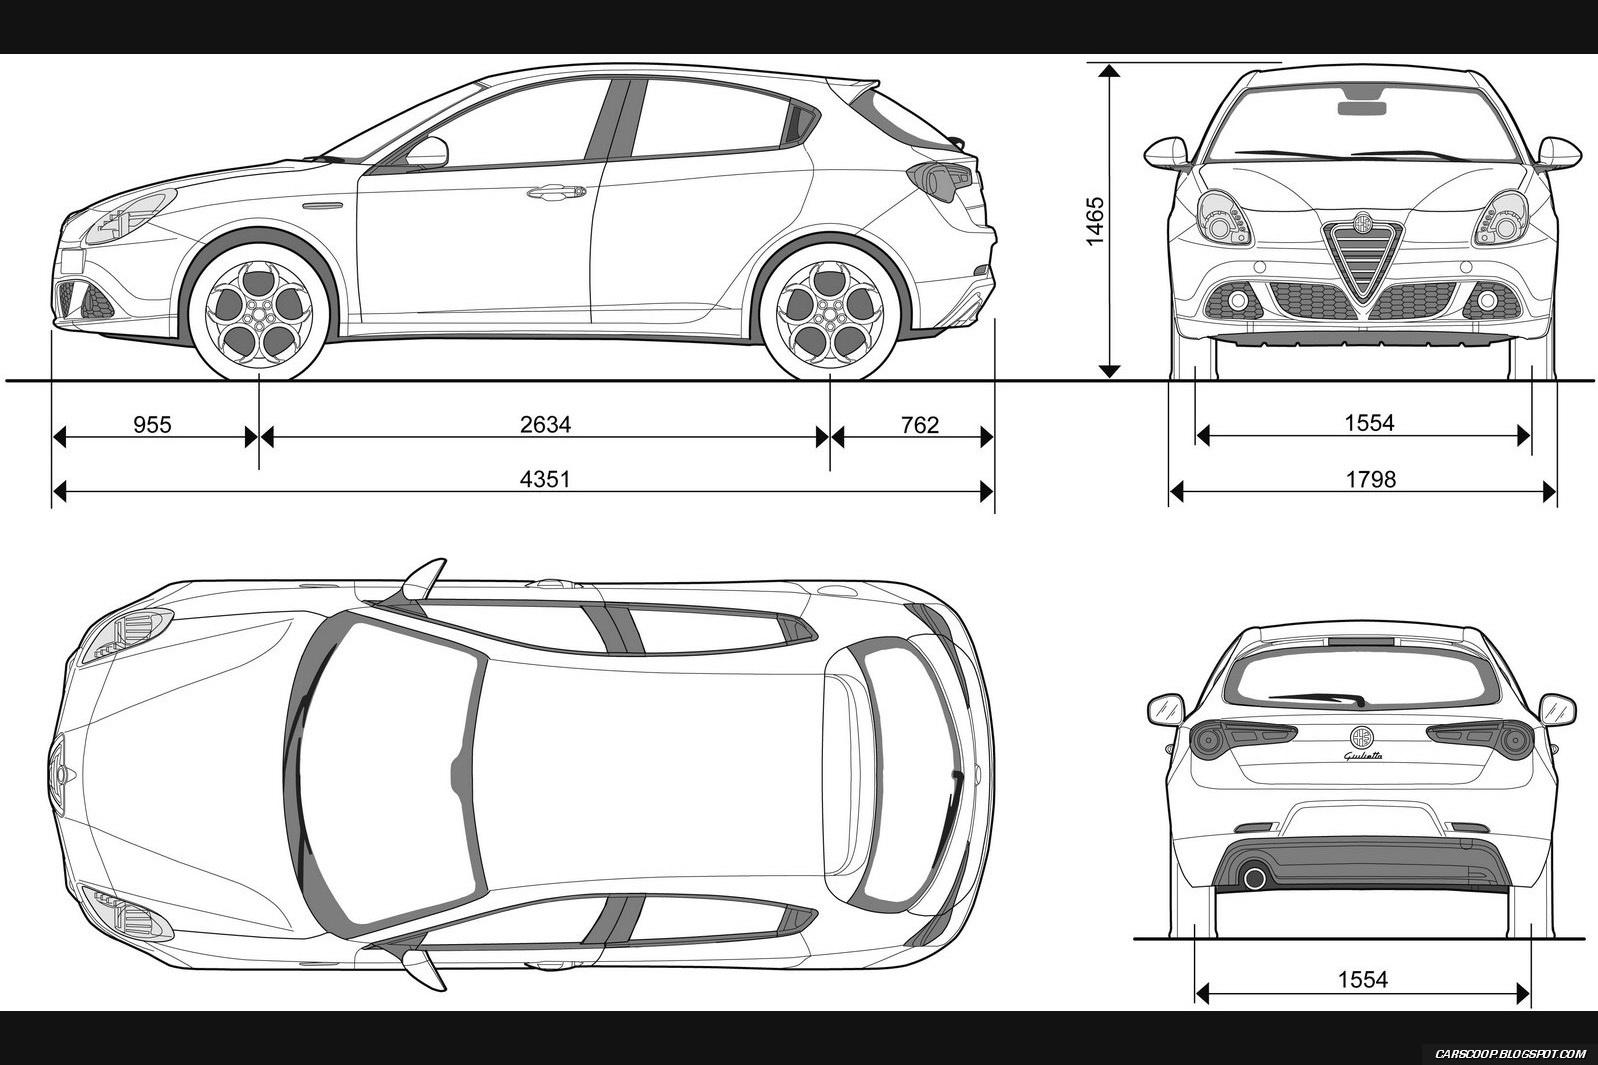 2005 Scion Xb Fuse Box. Scion. Auto Fuse Box Diagram